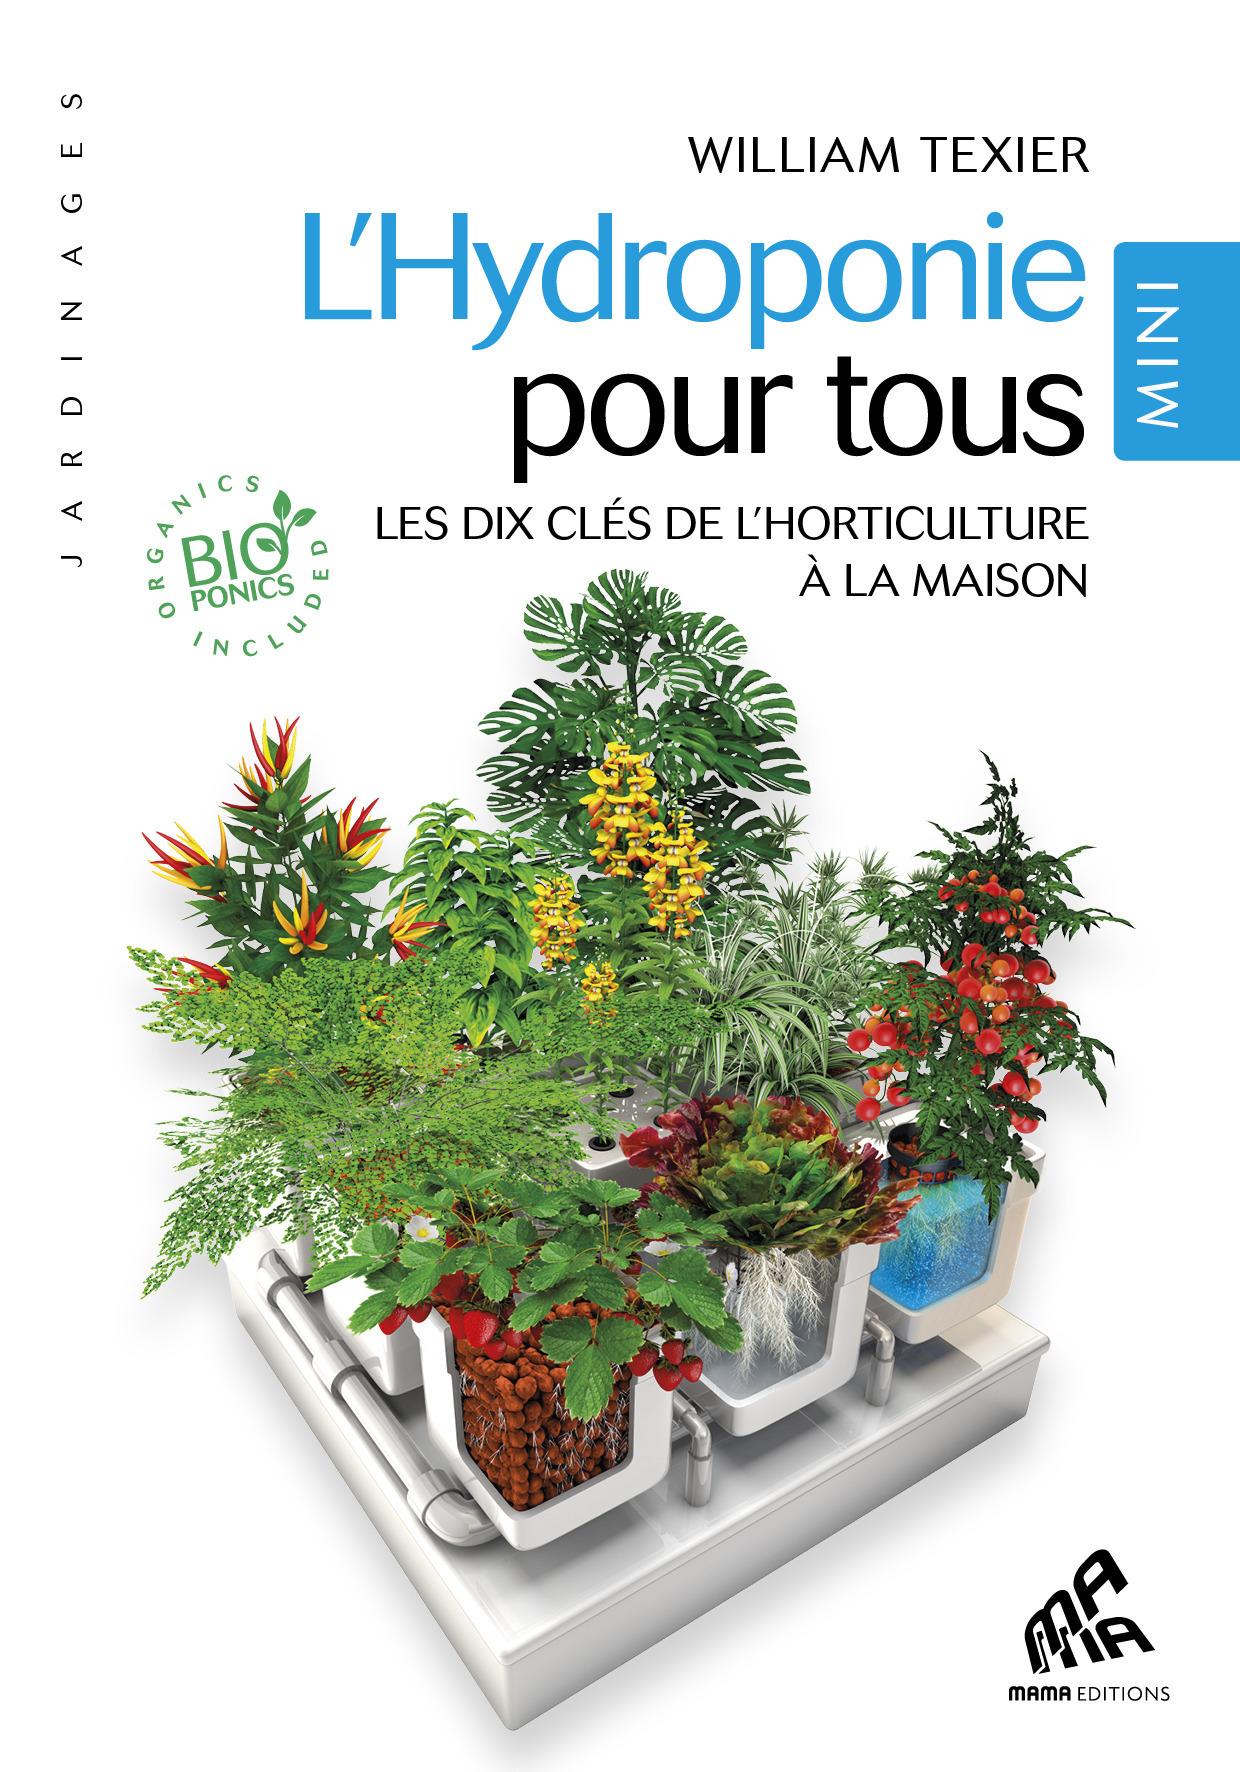 L'hydroponie pour tous ; les dix clés de l'horticulture à la maison